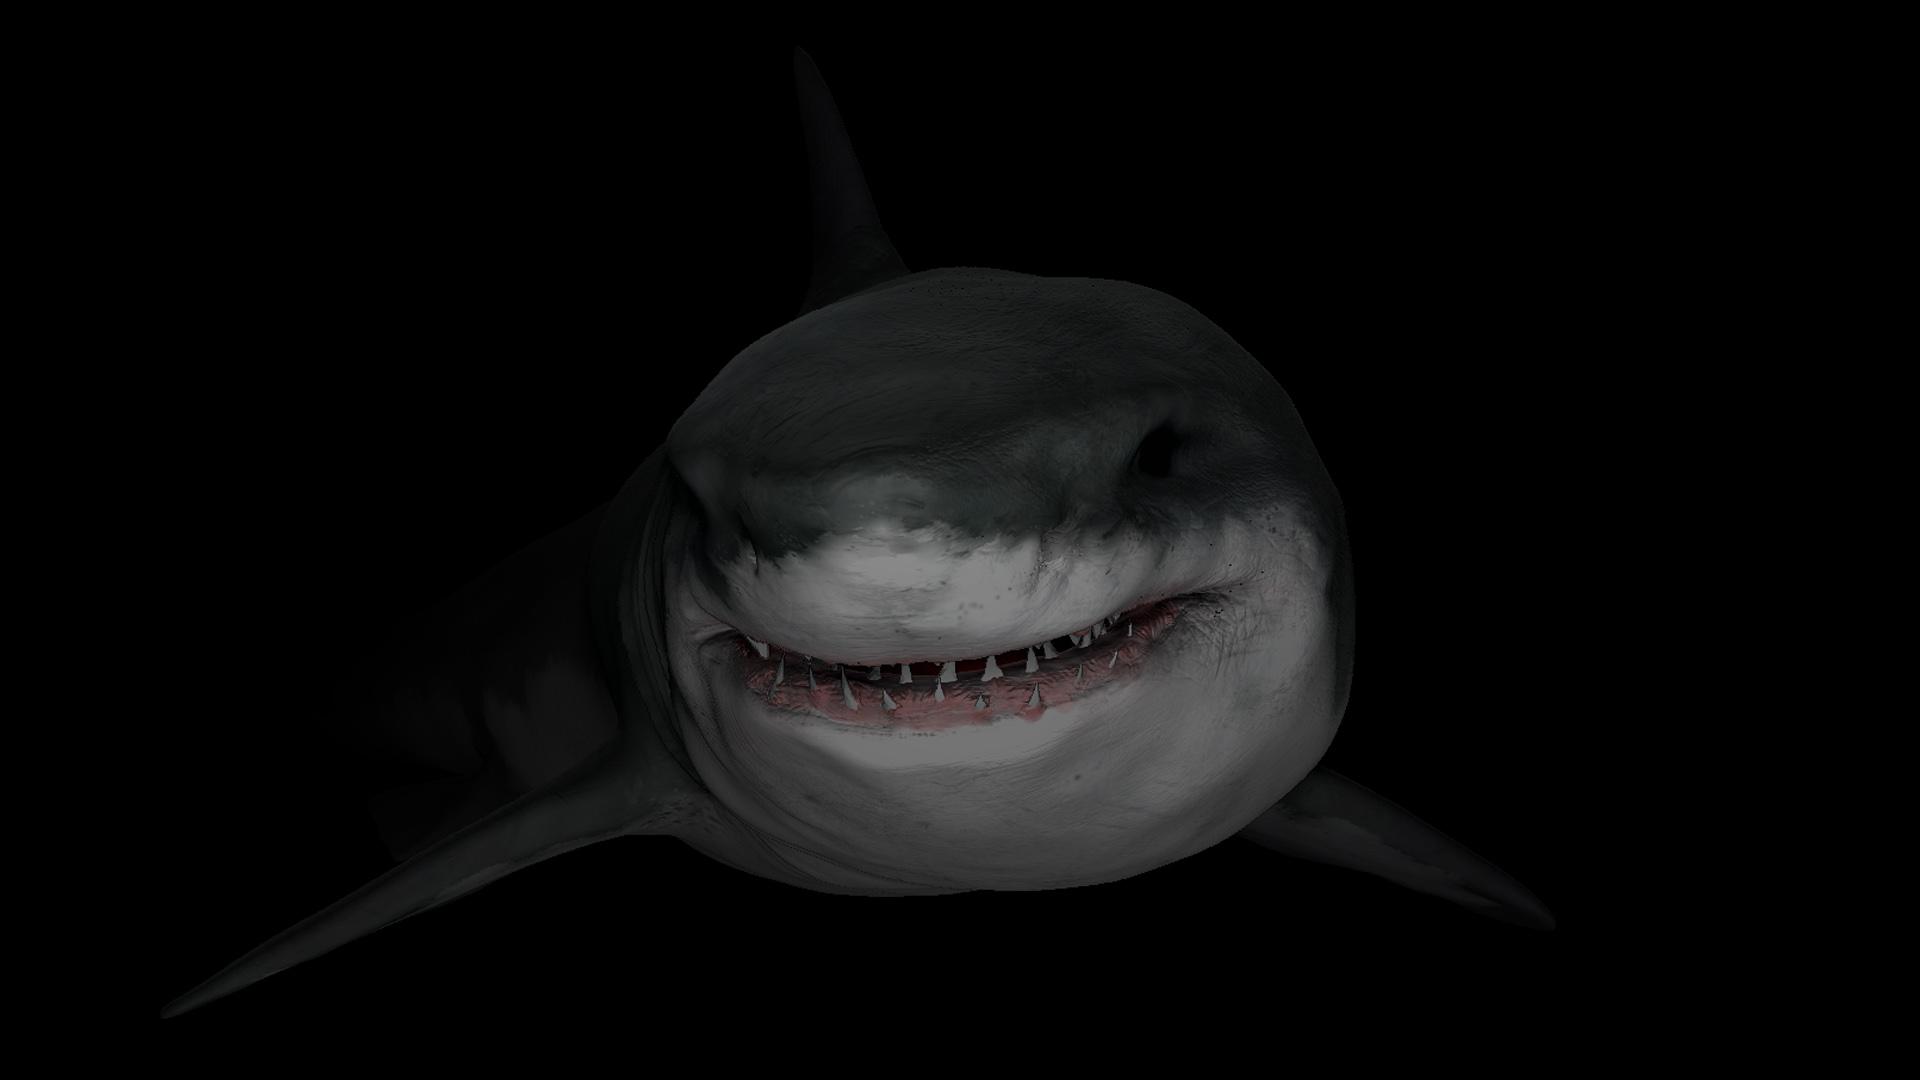 Card 2 of 5Artwork · Great White Shark